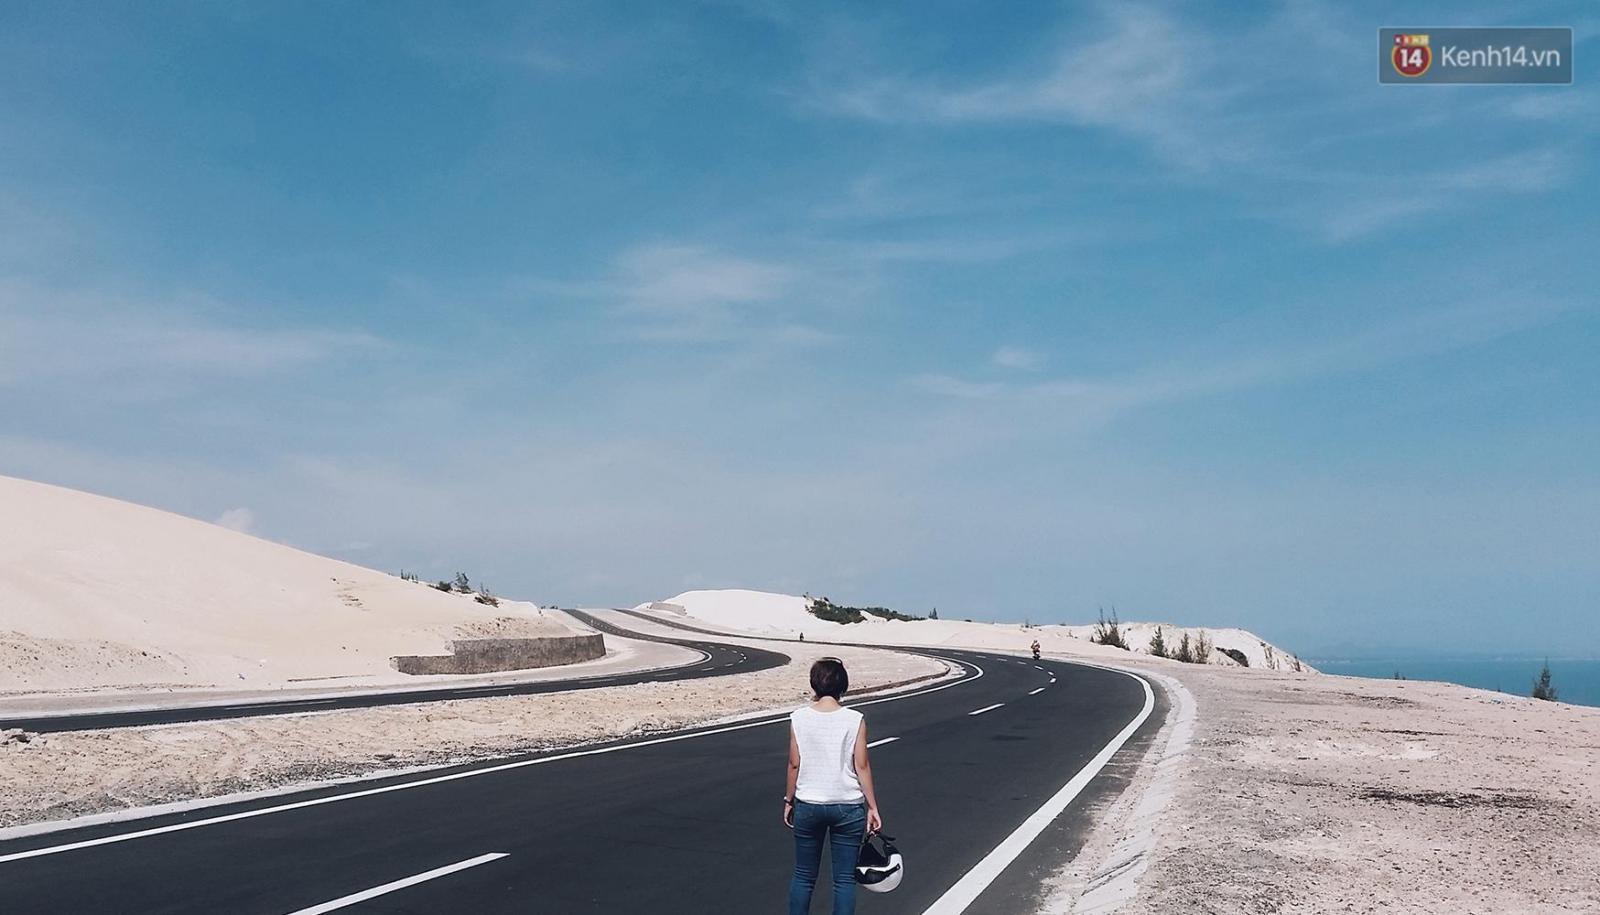 Đường ven biển Bàu Trắng - Phan Rí Cửa